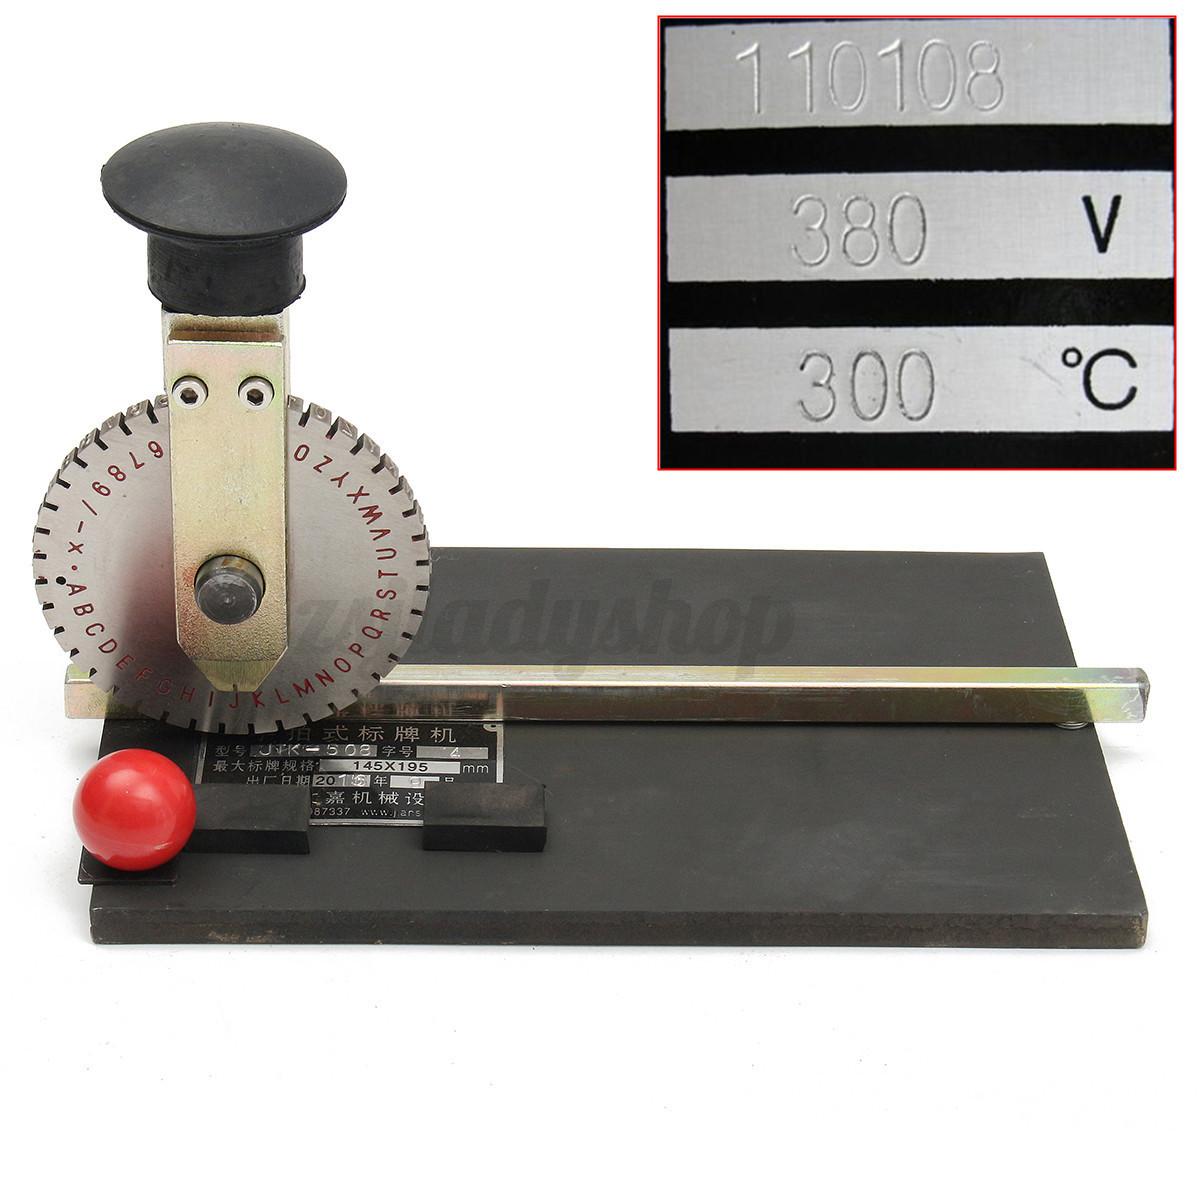 manual metal tag embossing machine